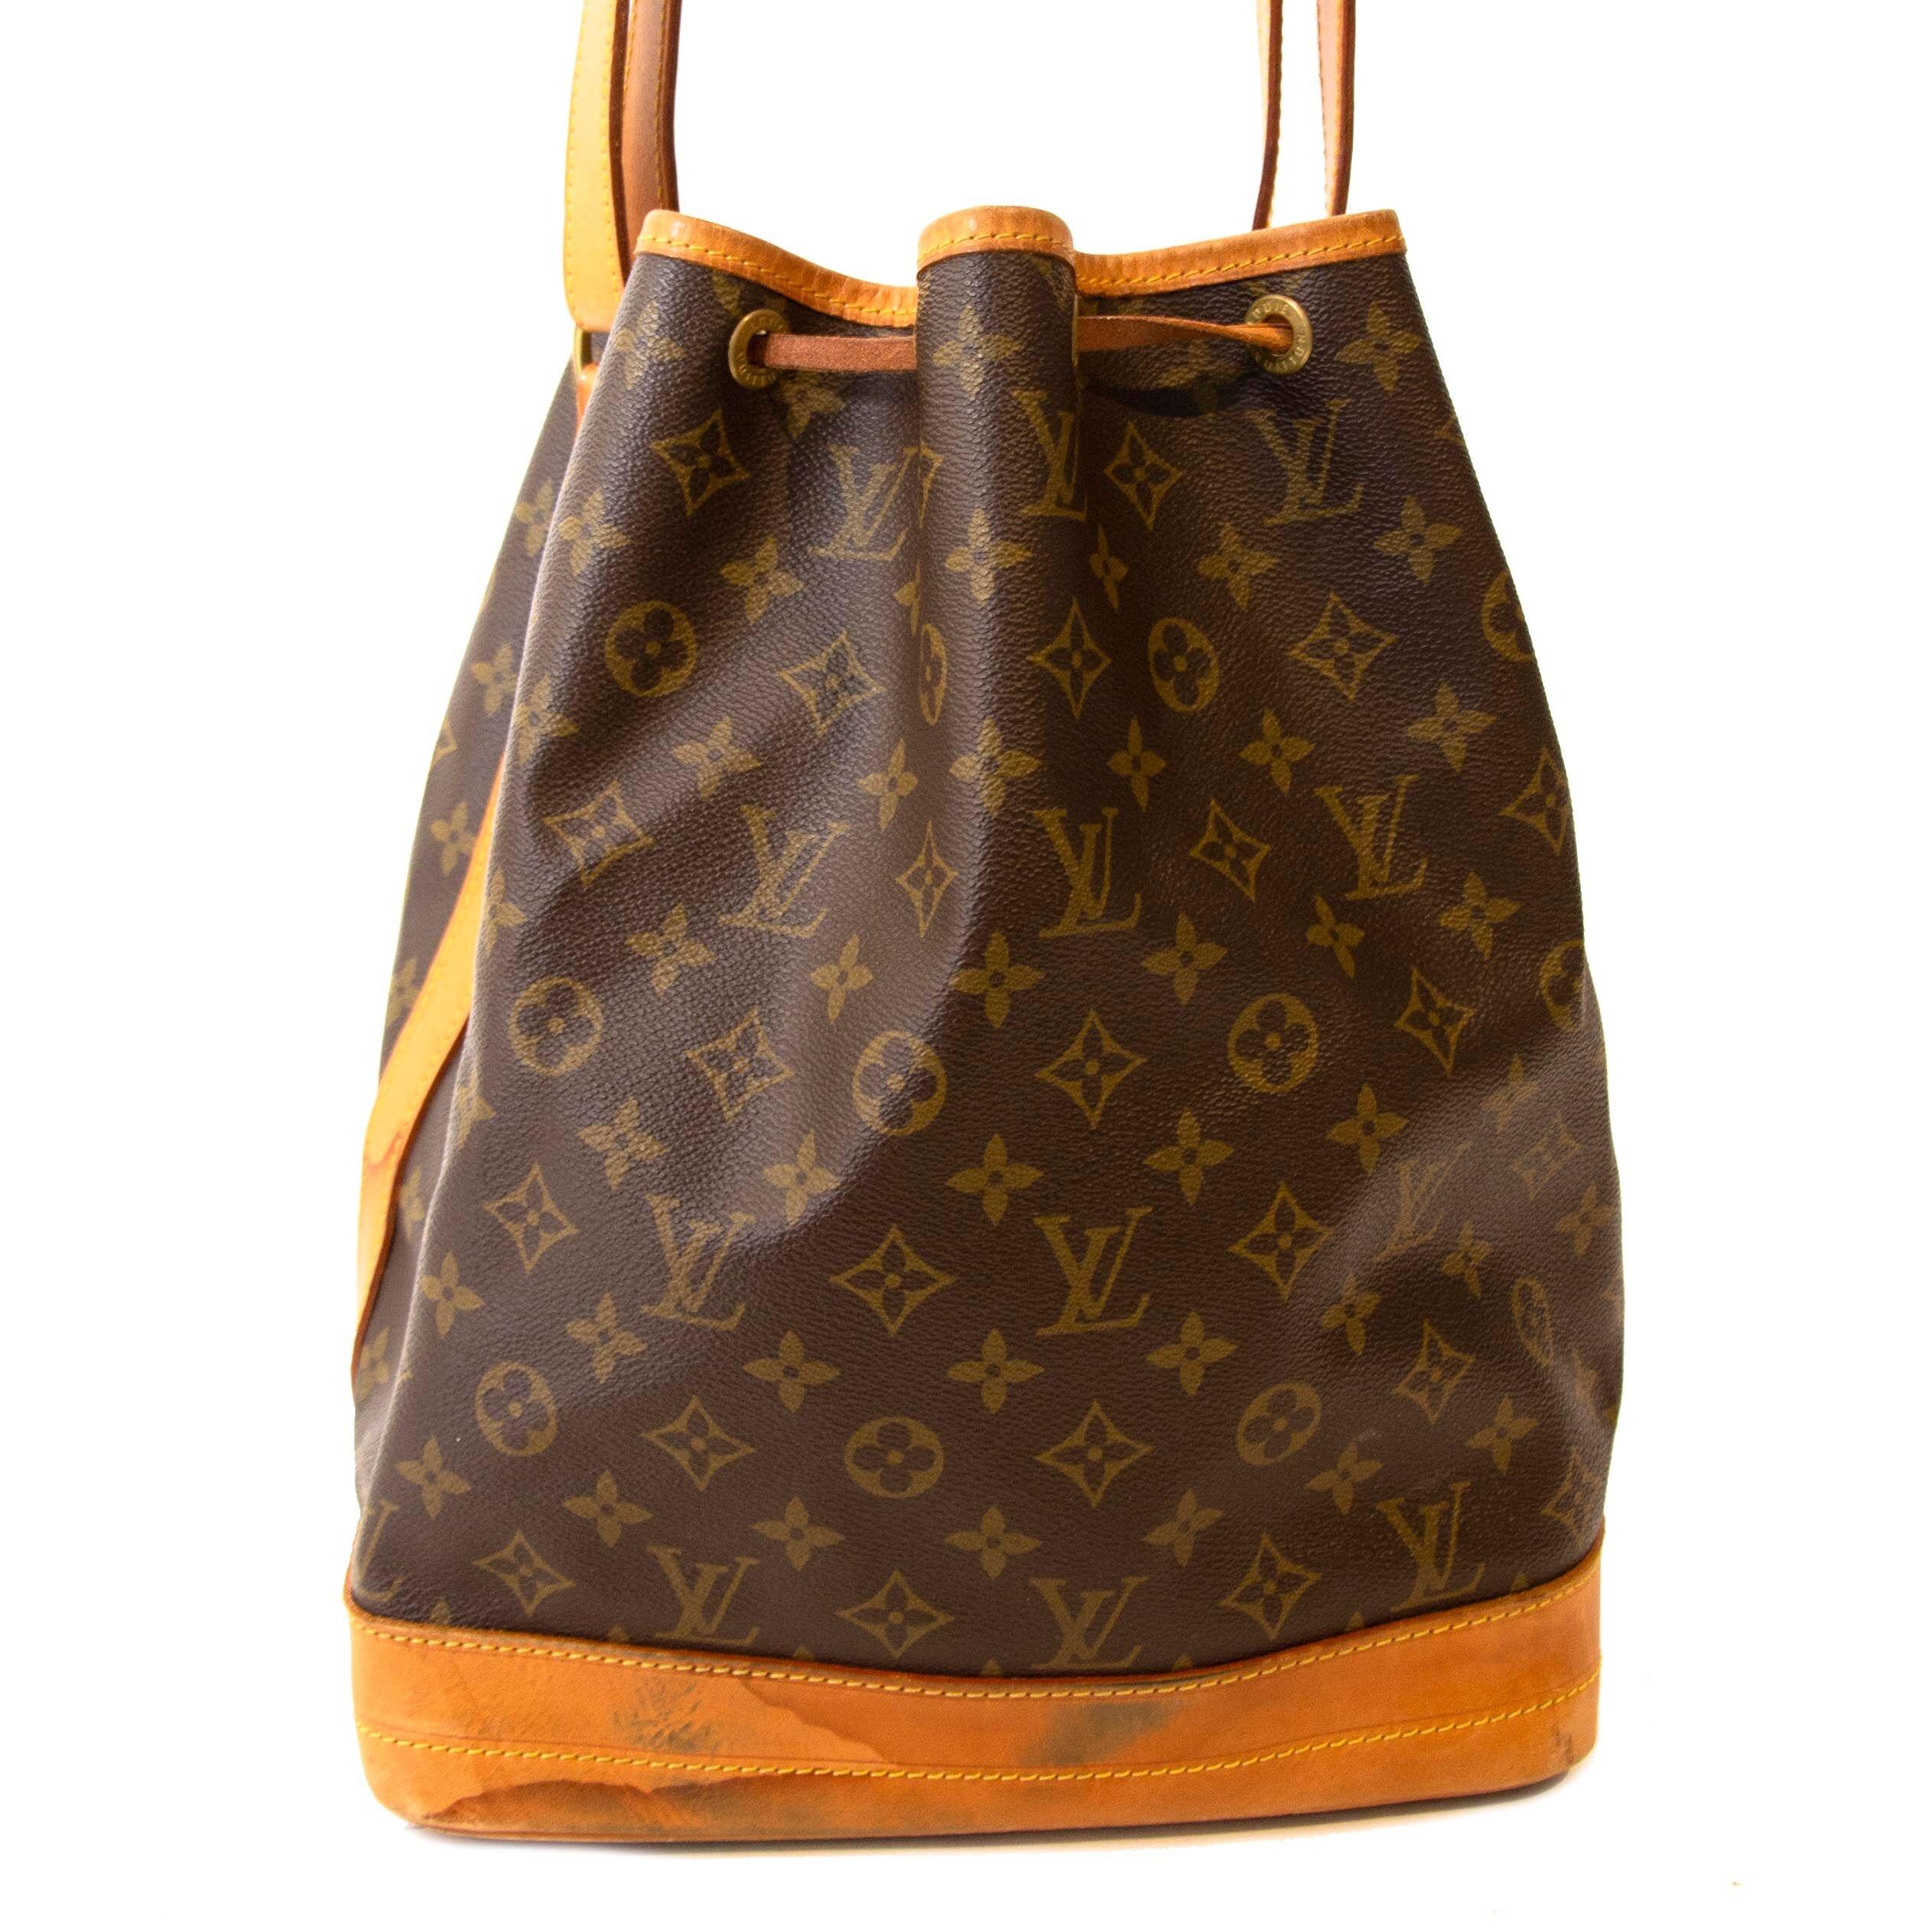 903b699f73e7 Louis Vuitton Monogram Noé Bucket Bag Buy secondhand Louis Vuitton handbags  at Labellov.